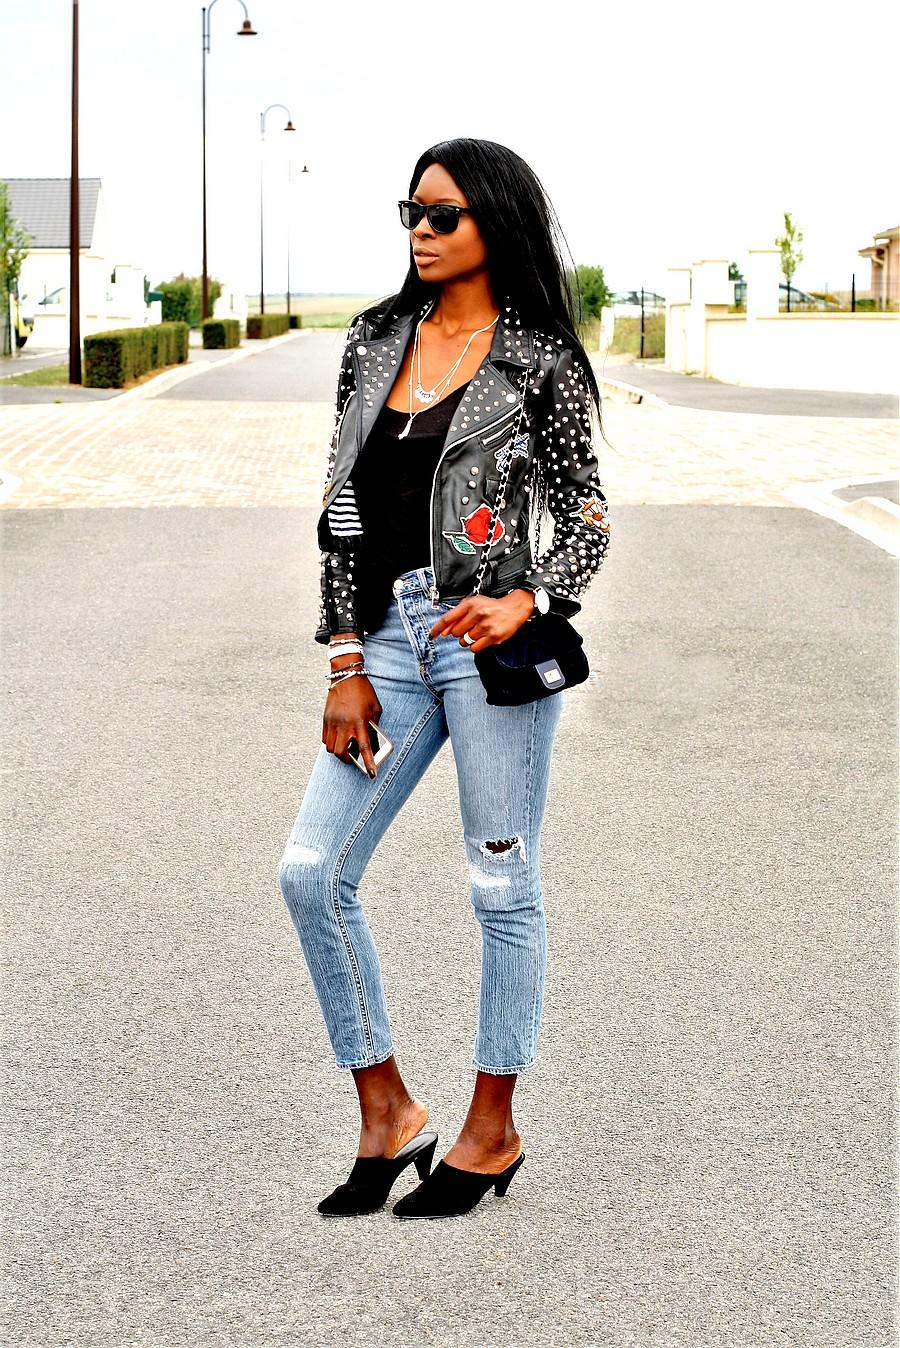 idee-look-rock-veste-cuir-mules-jeans-sac-chaine